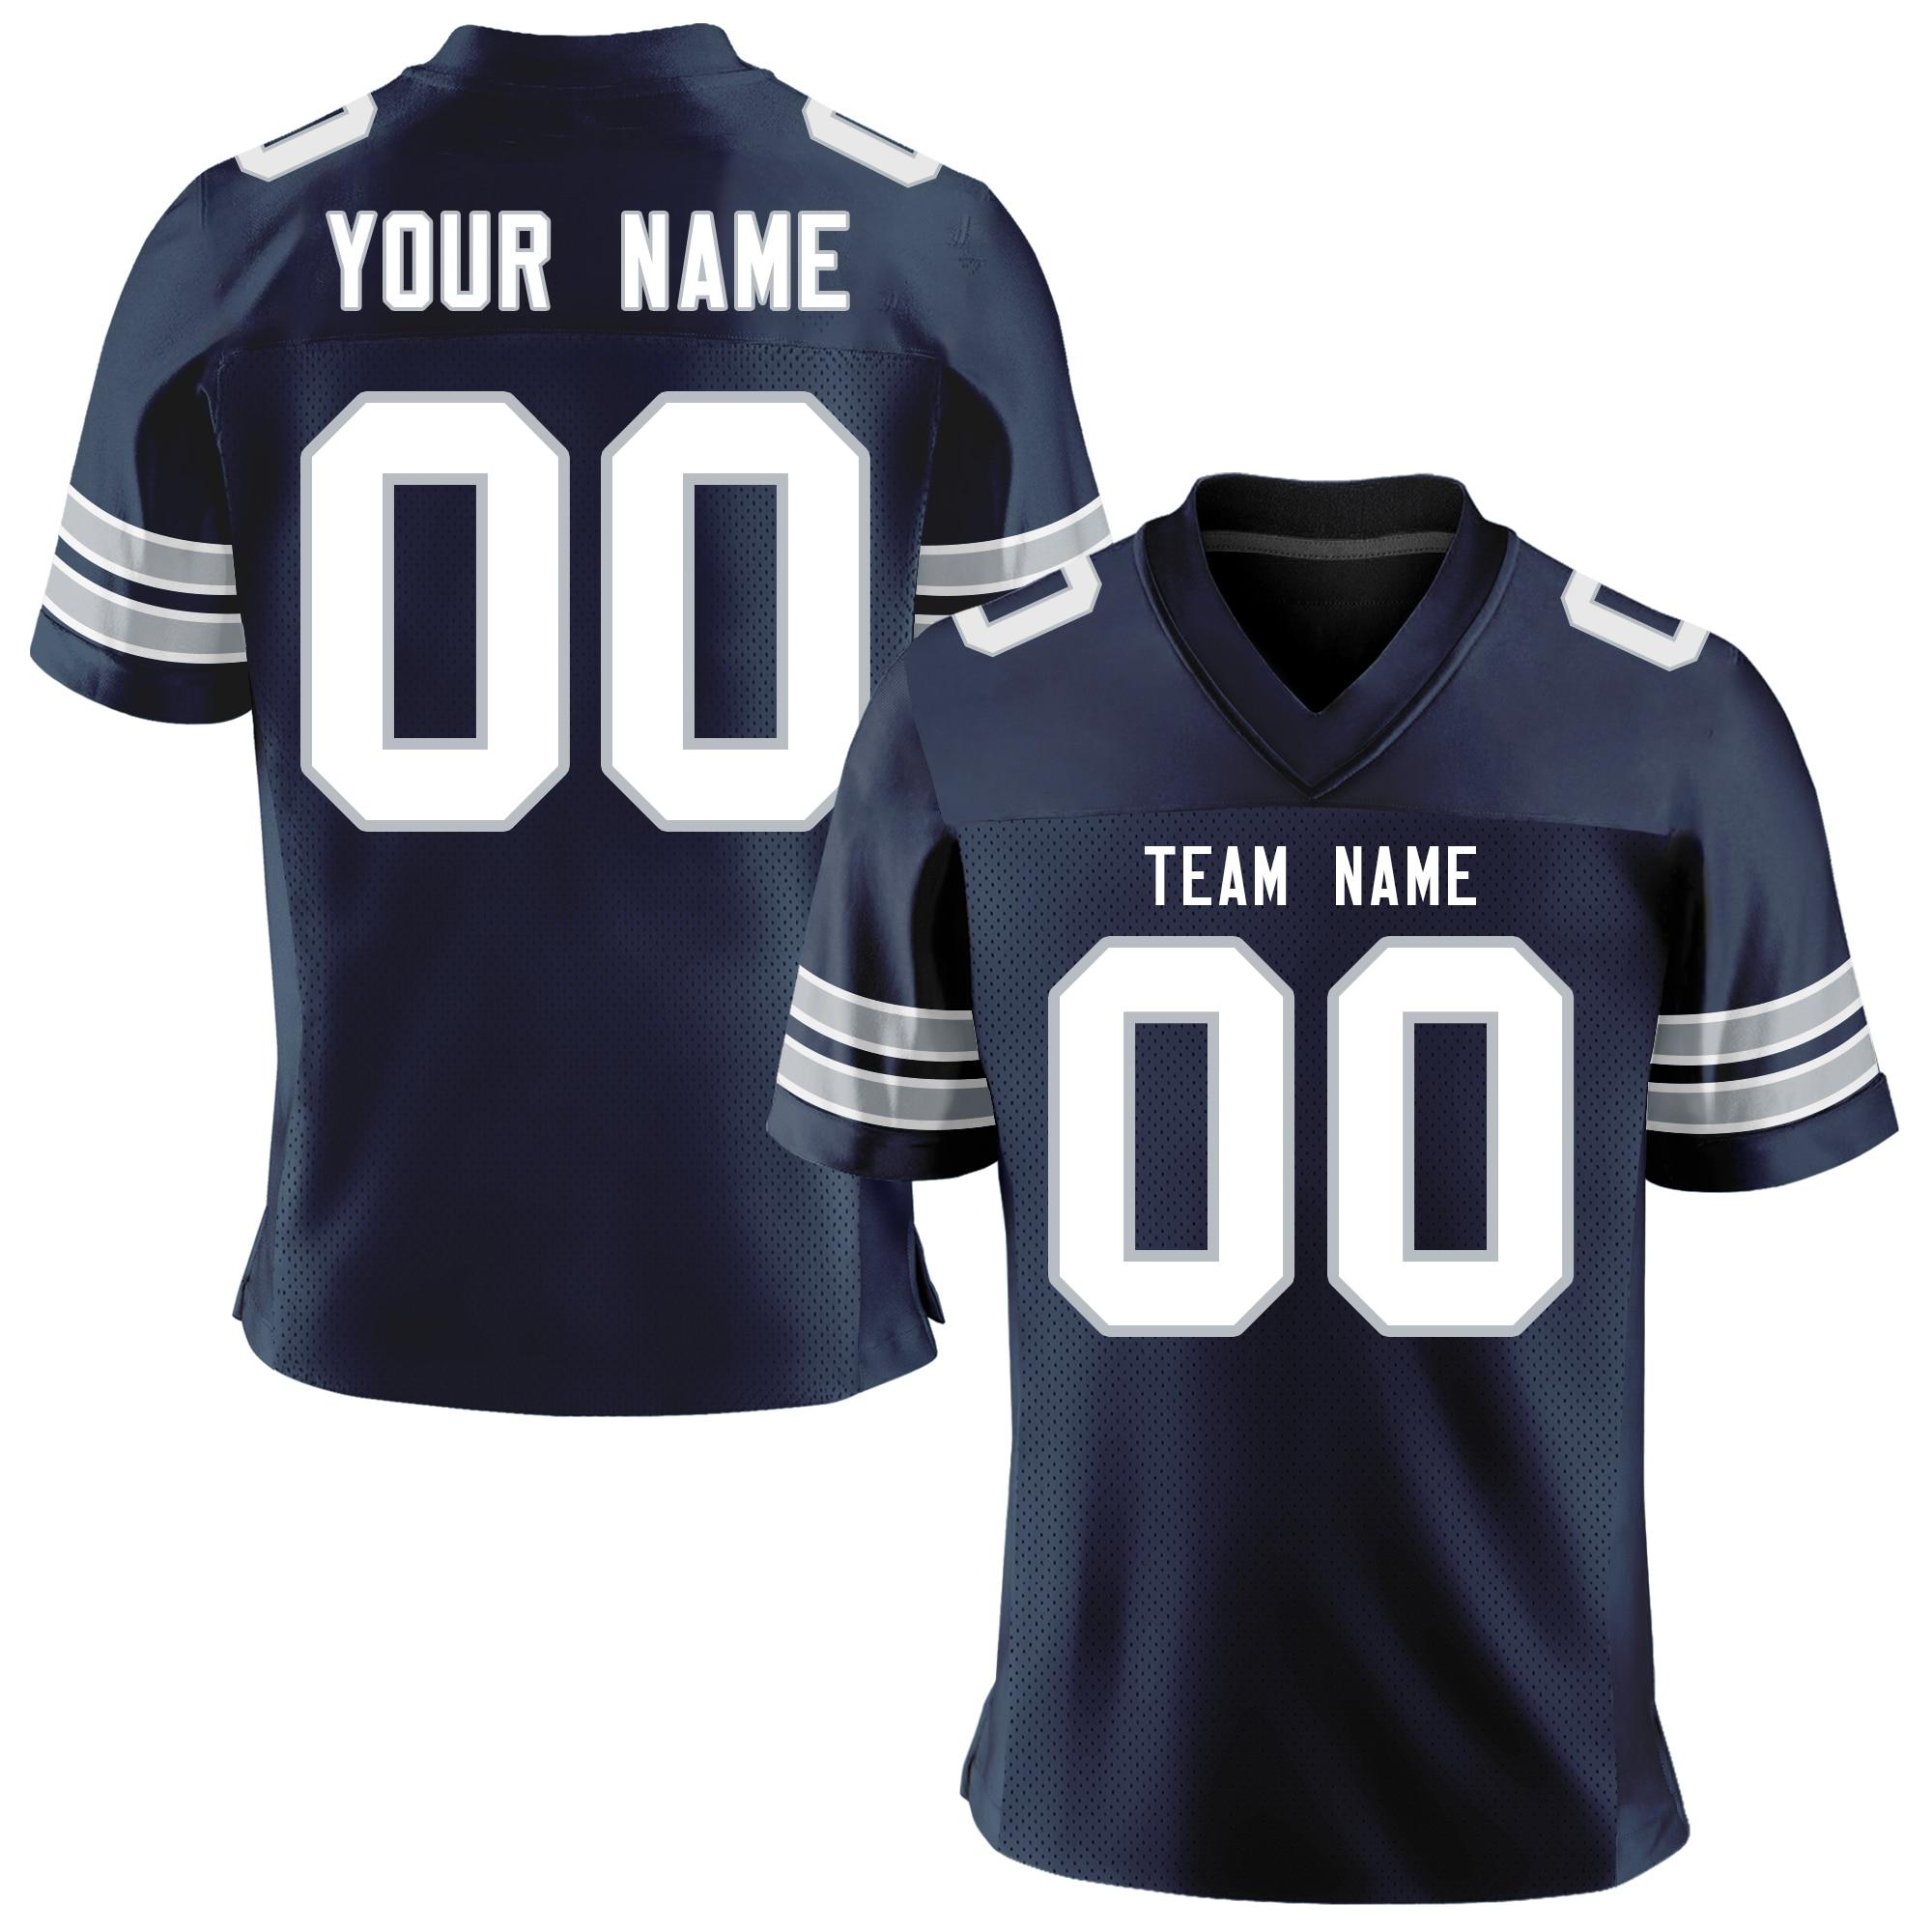 Индивидуализированная спортивная одежда, футбольные майки для мужчин, сетчатые футболки, полностью сублимированная ваша команда, Имя и ном...